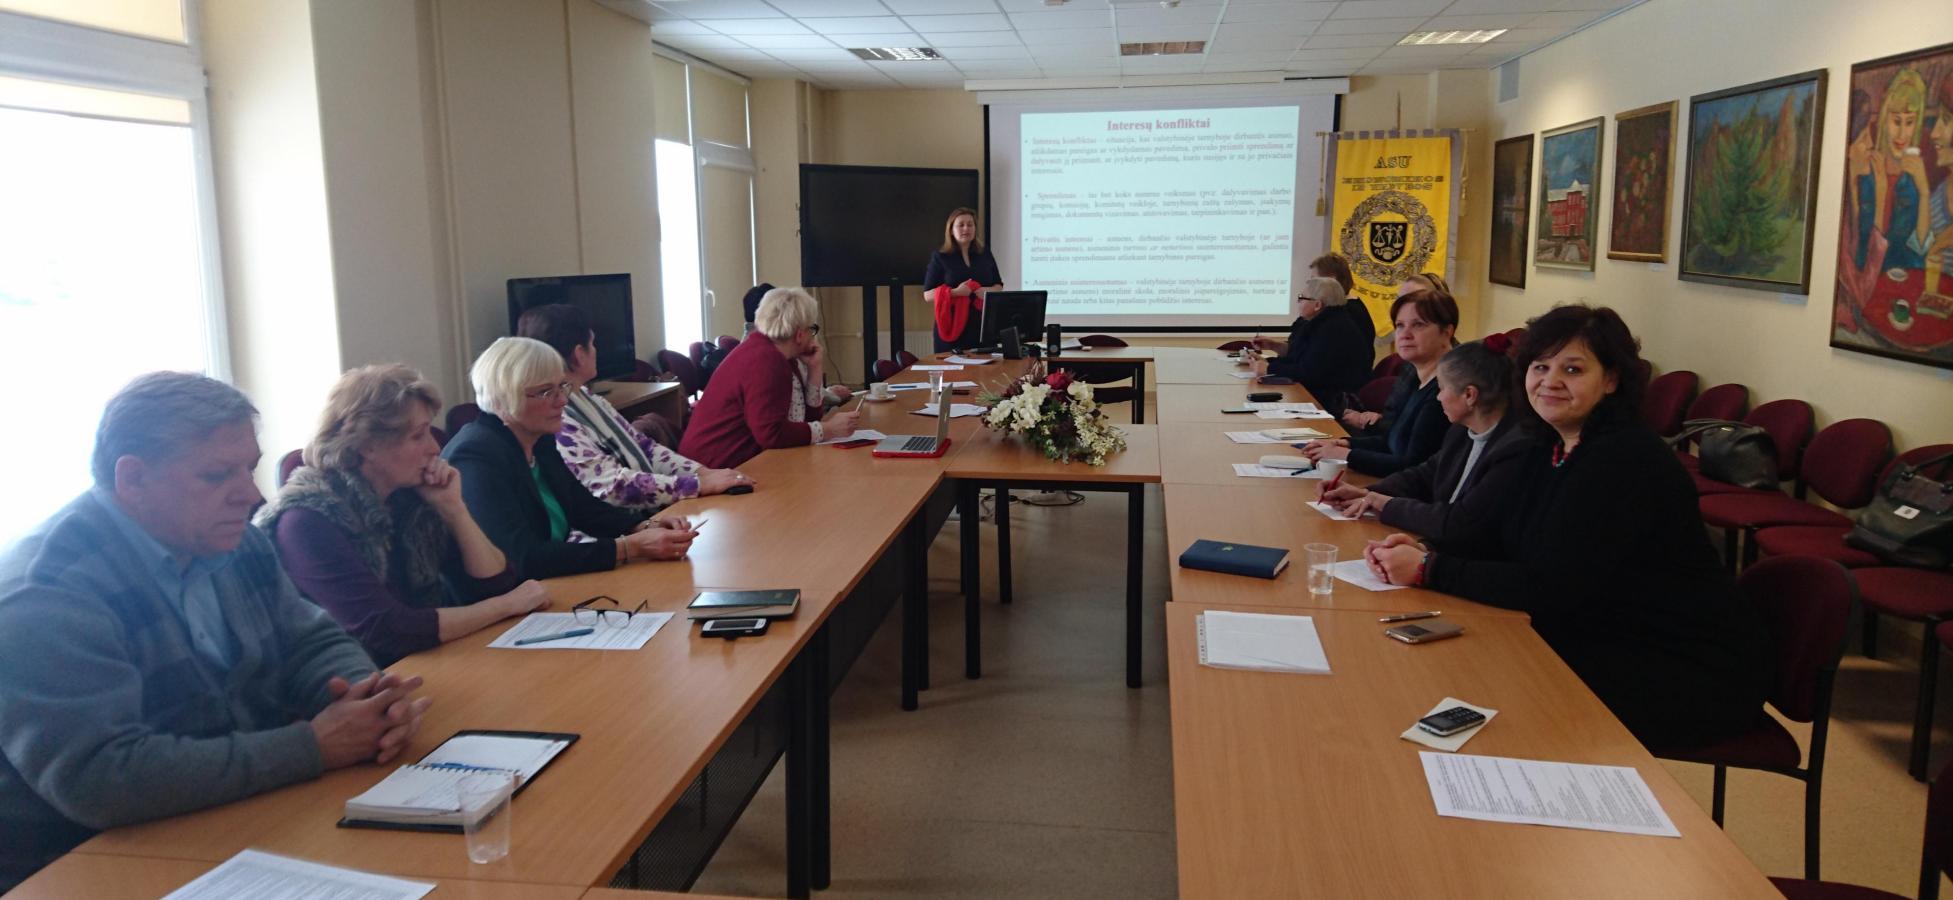 Viešųjų ir privačiųjų interesų derinimas vietos bendruomenėse – pirmasis seminaras